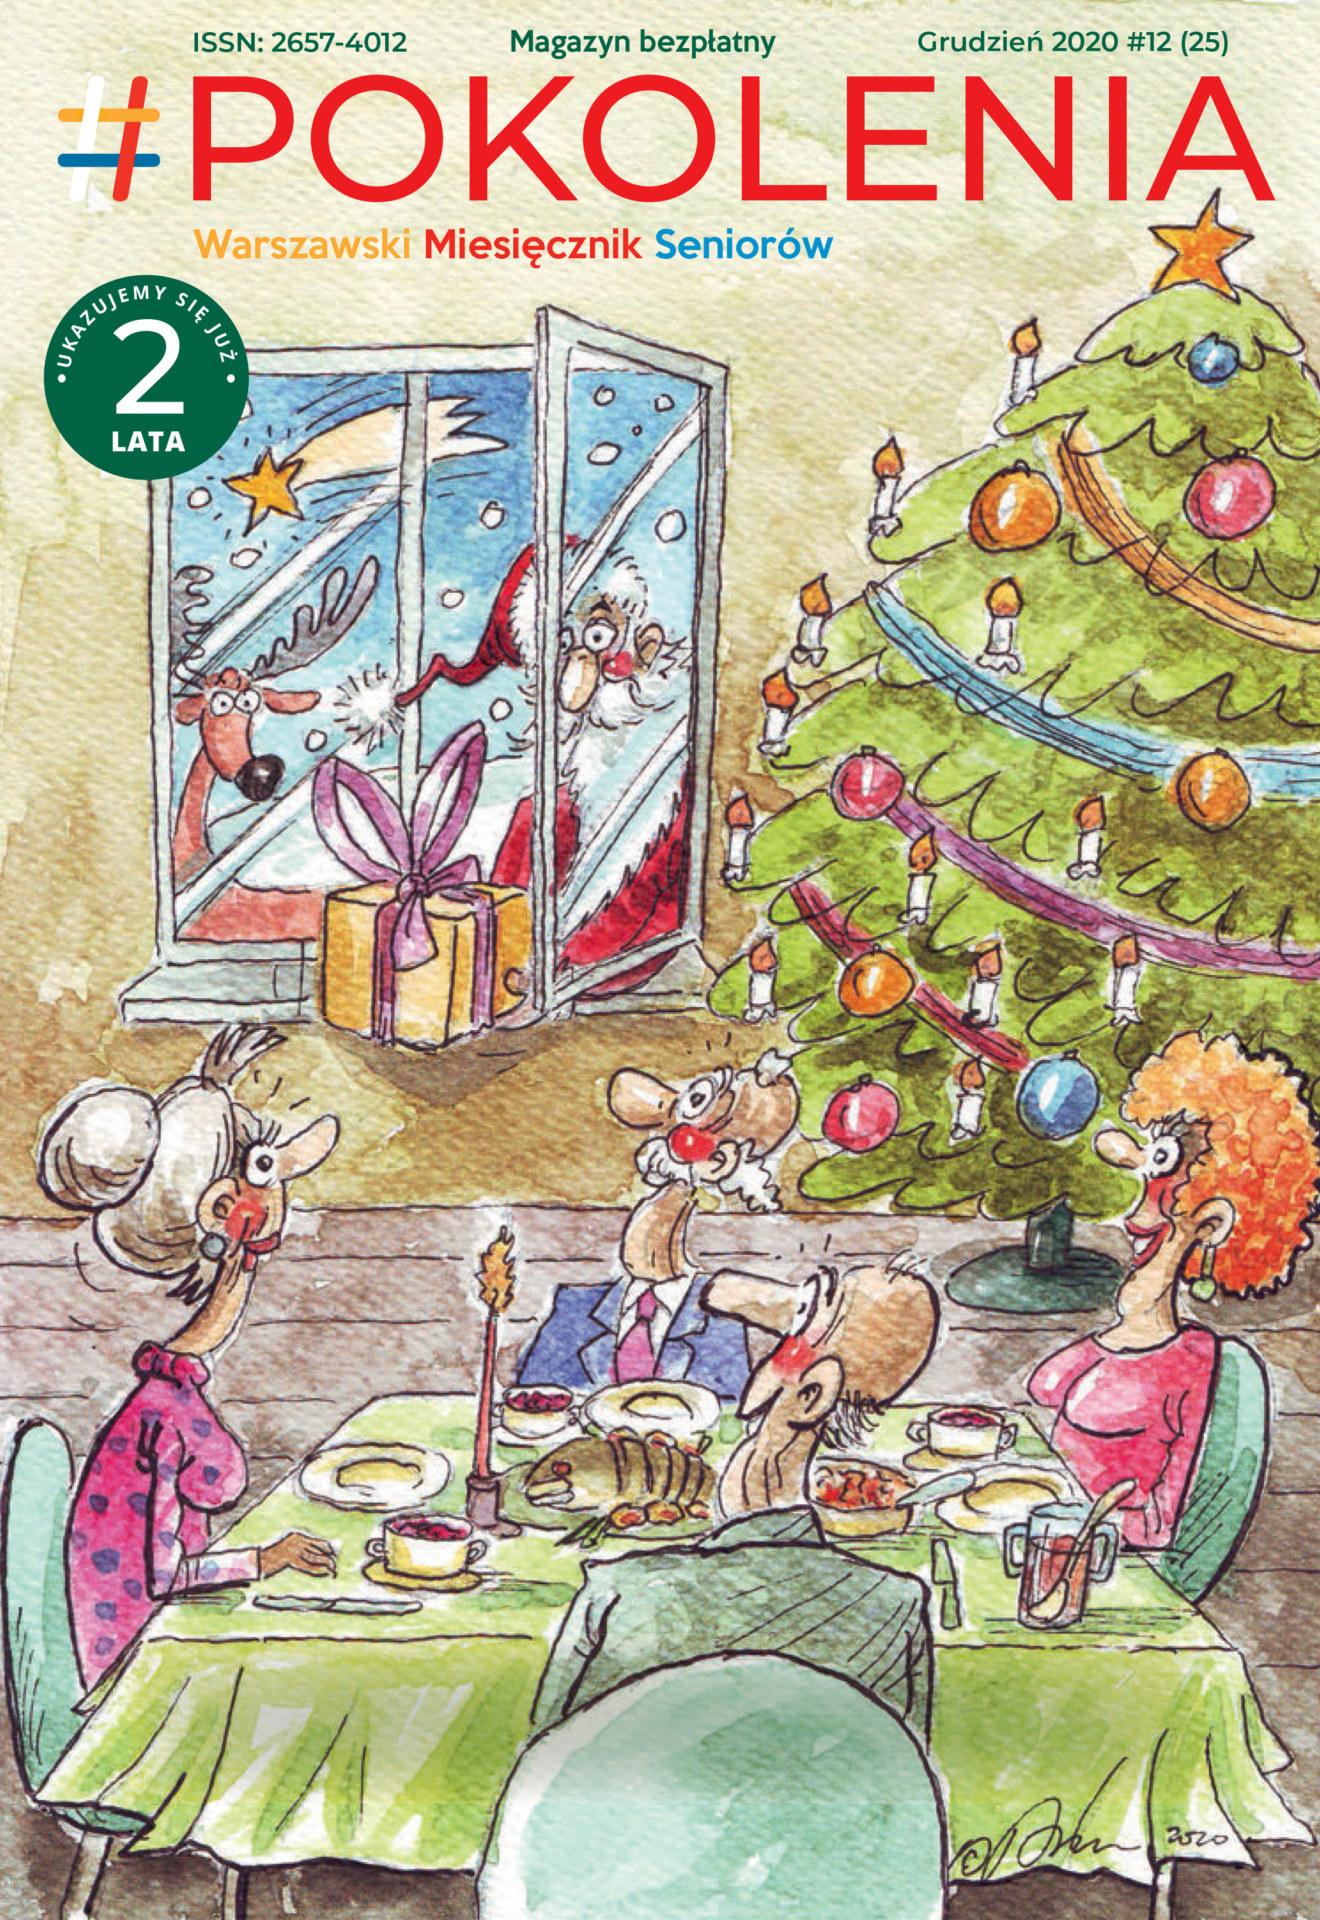 Rysunek przedstawiajacy kilka osób siedzących przy stole, choinkę i Mikołaja za oknem.